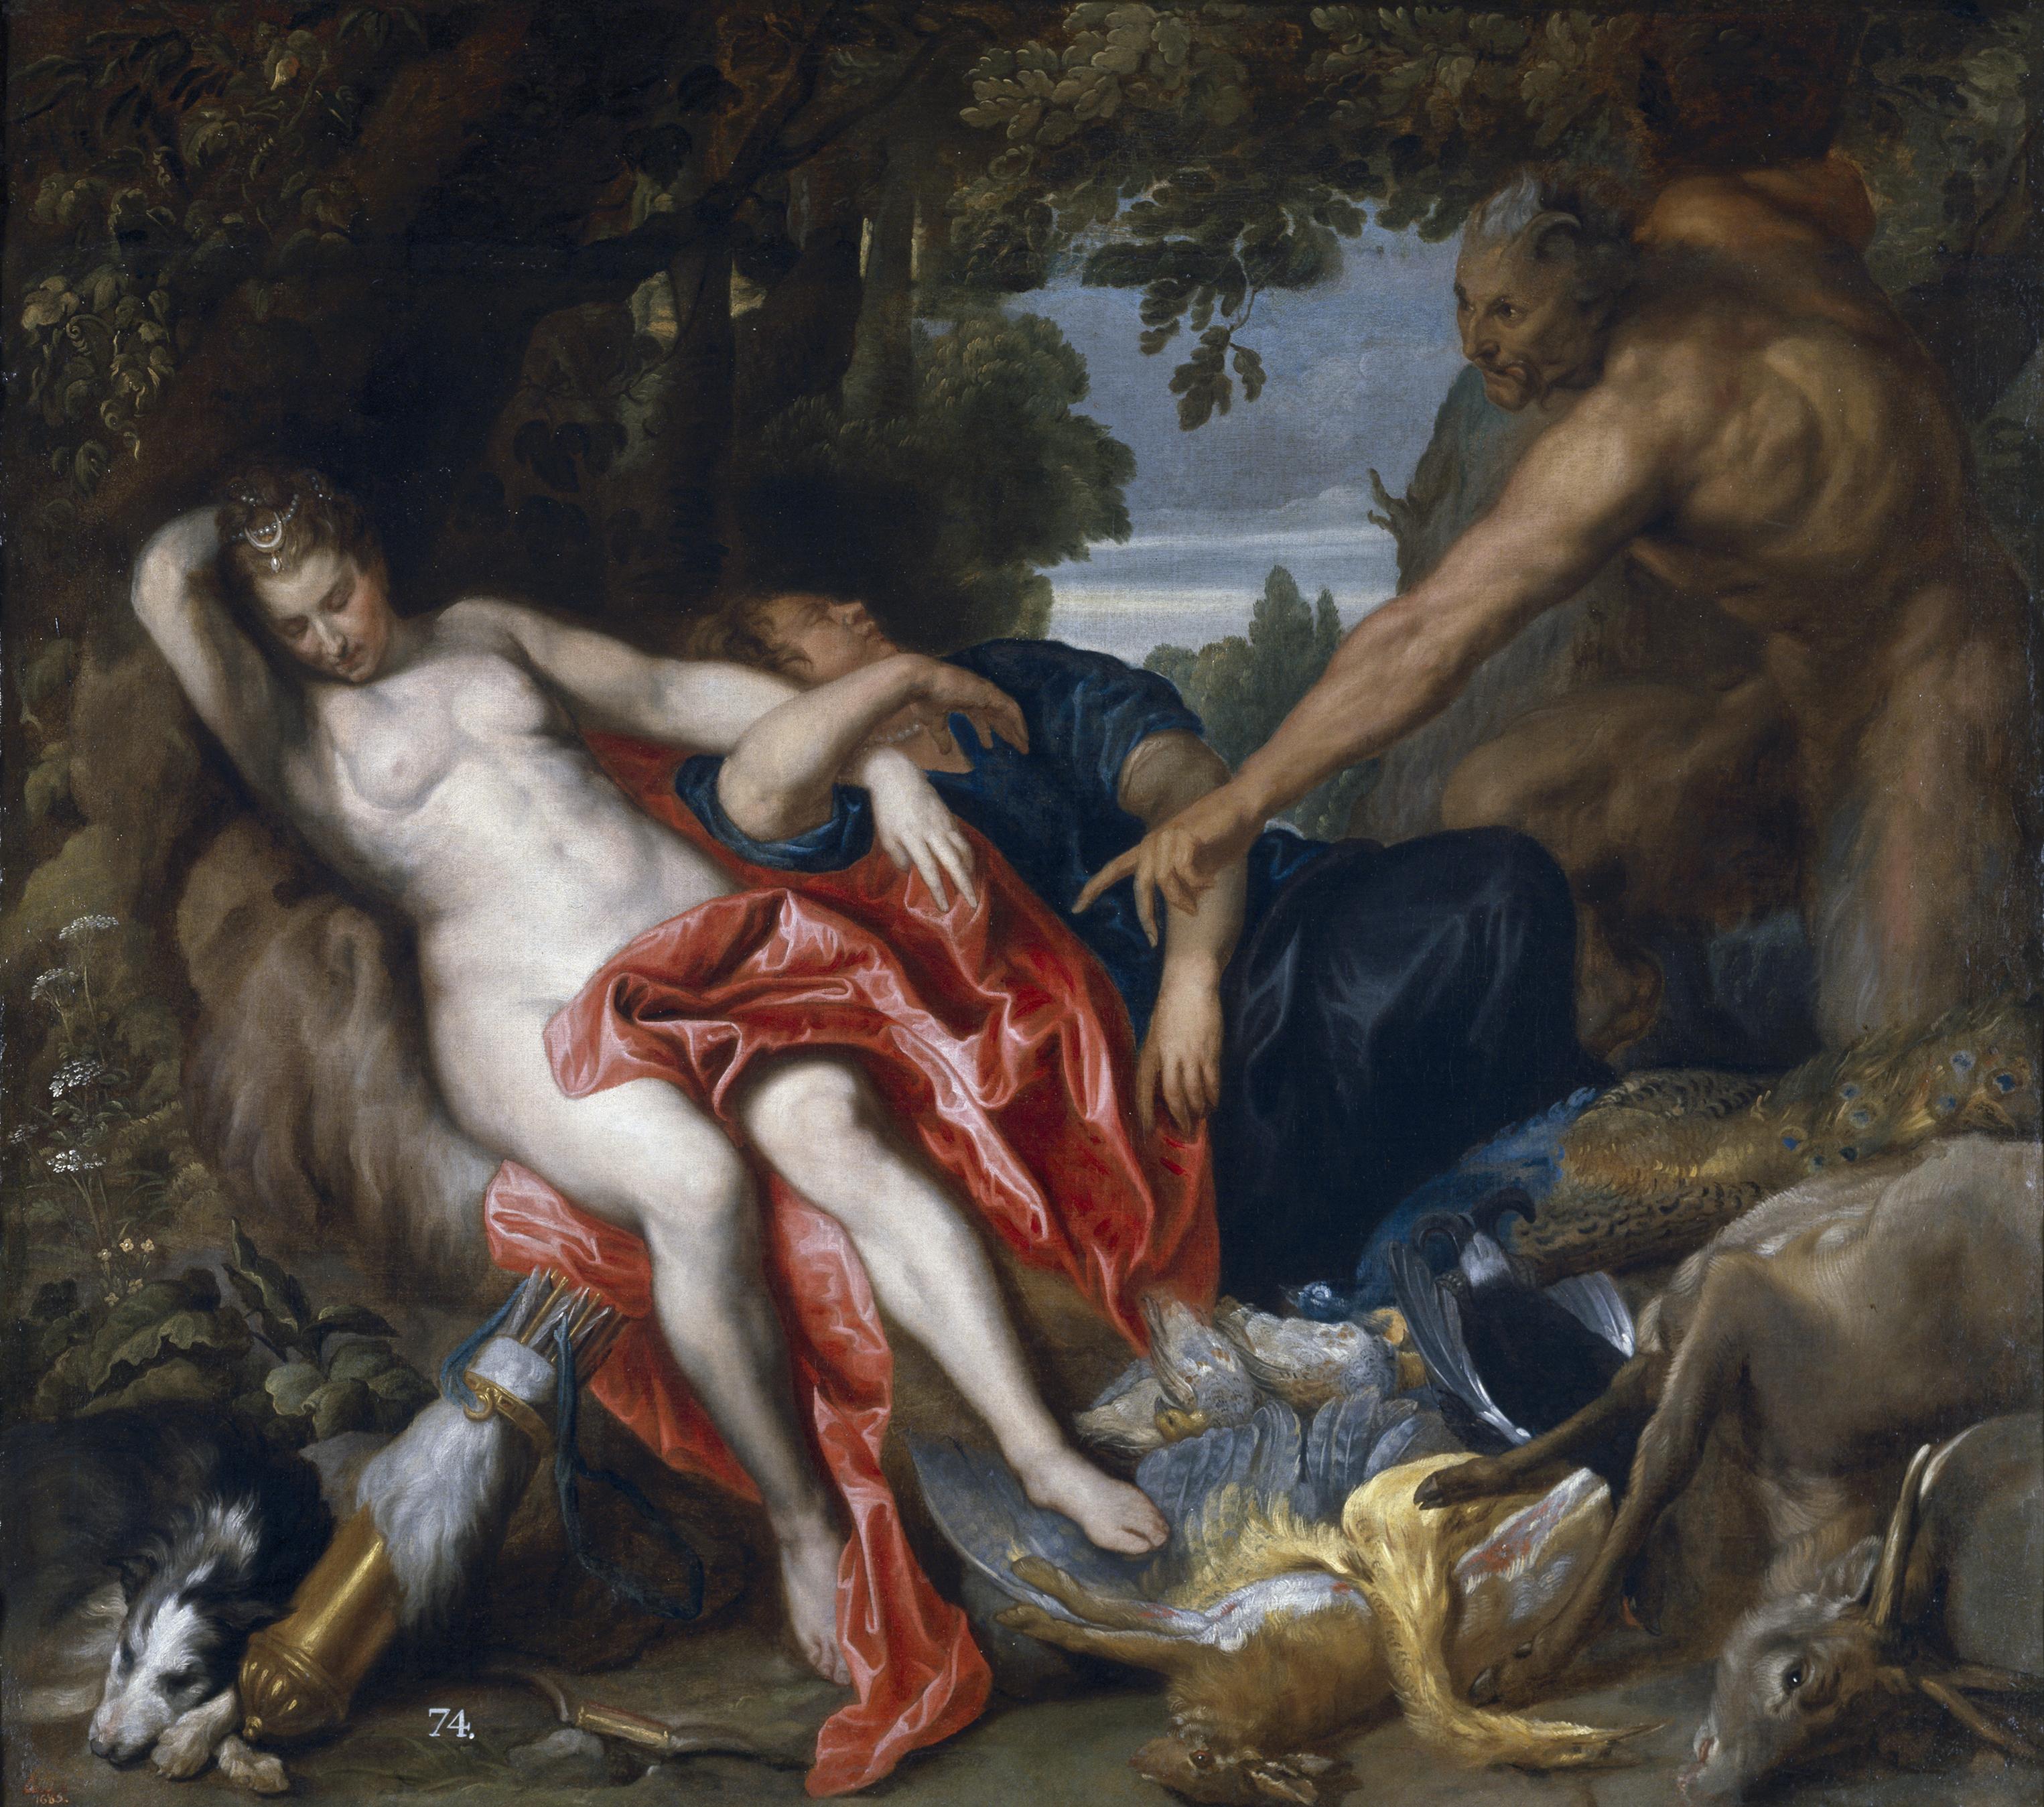 Anton Van Dyck: Diana y una ninfa sorprendidas por un sátiro, 1622-1626. Madrid, Museo Nacional del Prado.